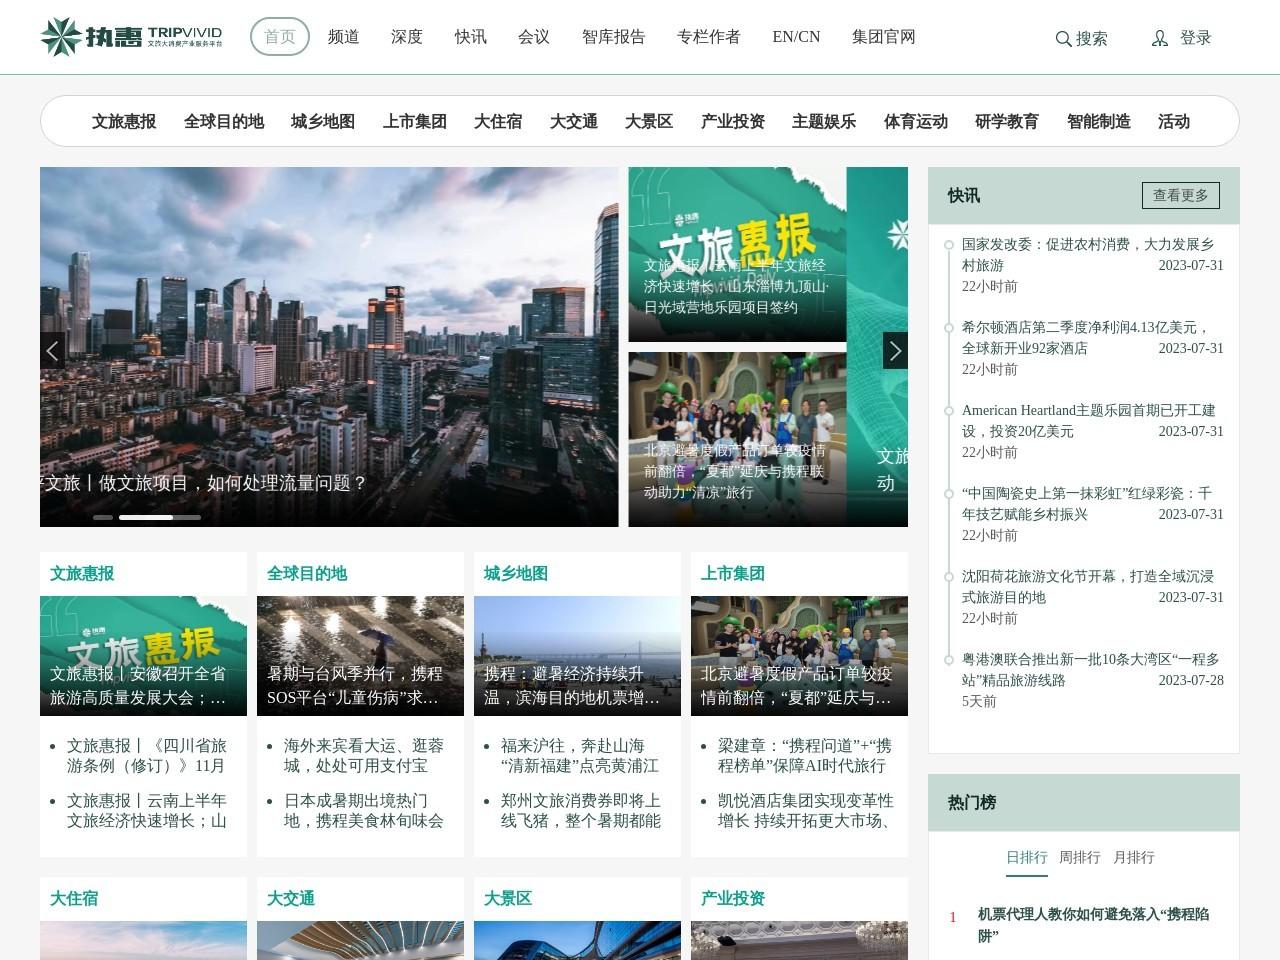 执惠-文旅大消费产业新媒体